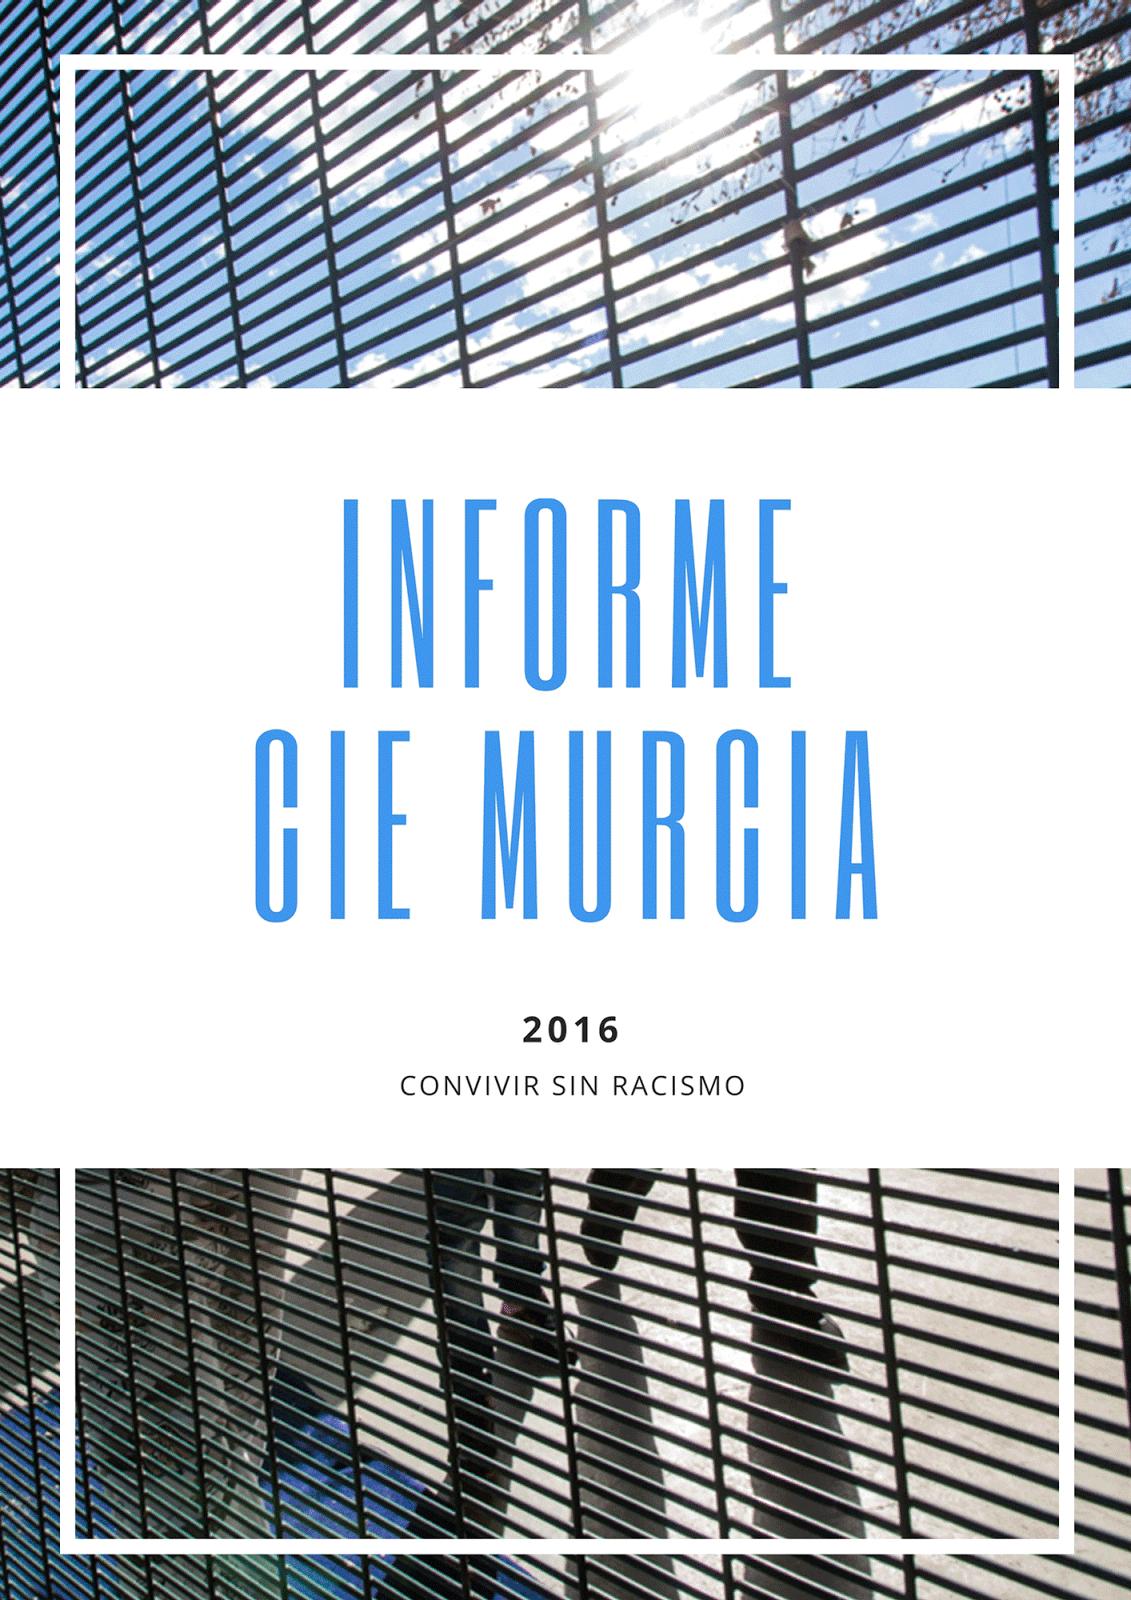 Informe del CIE de Murcia (2016)